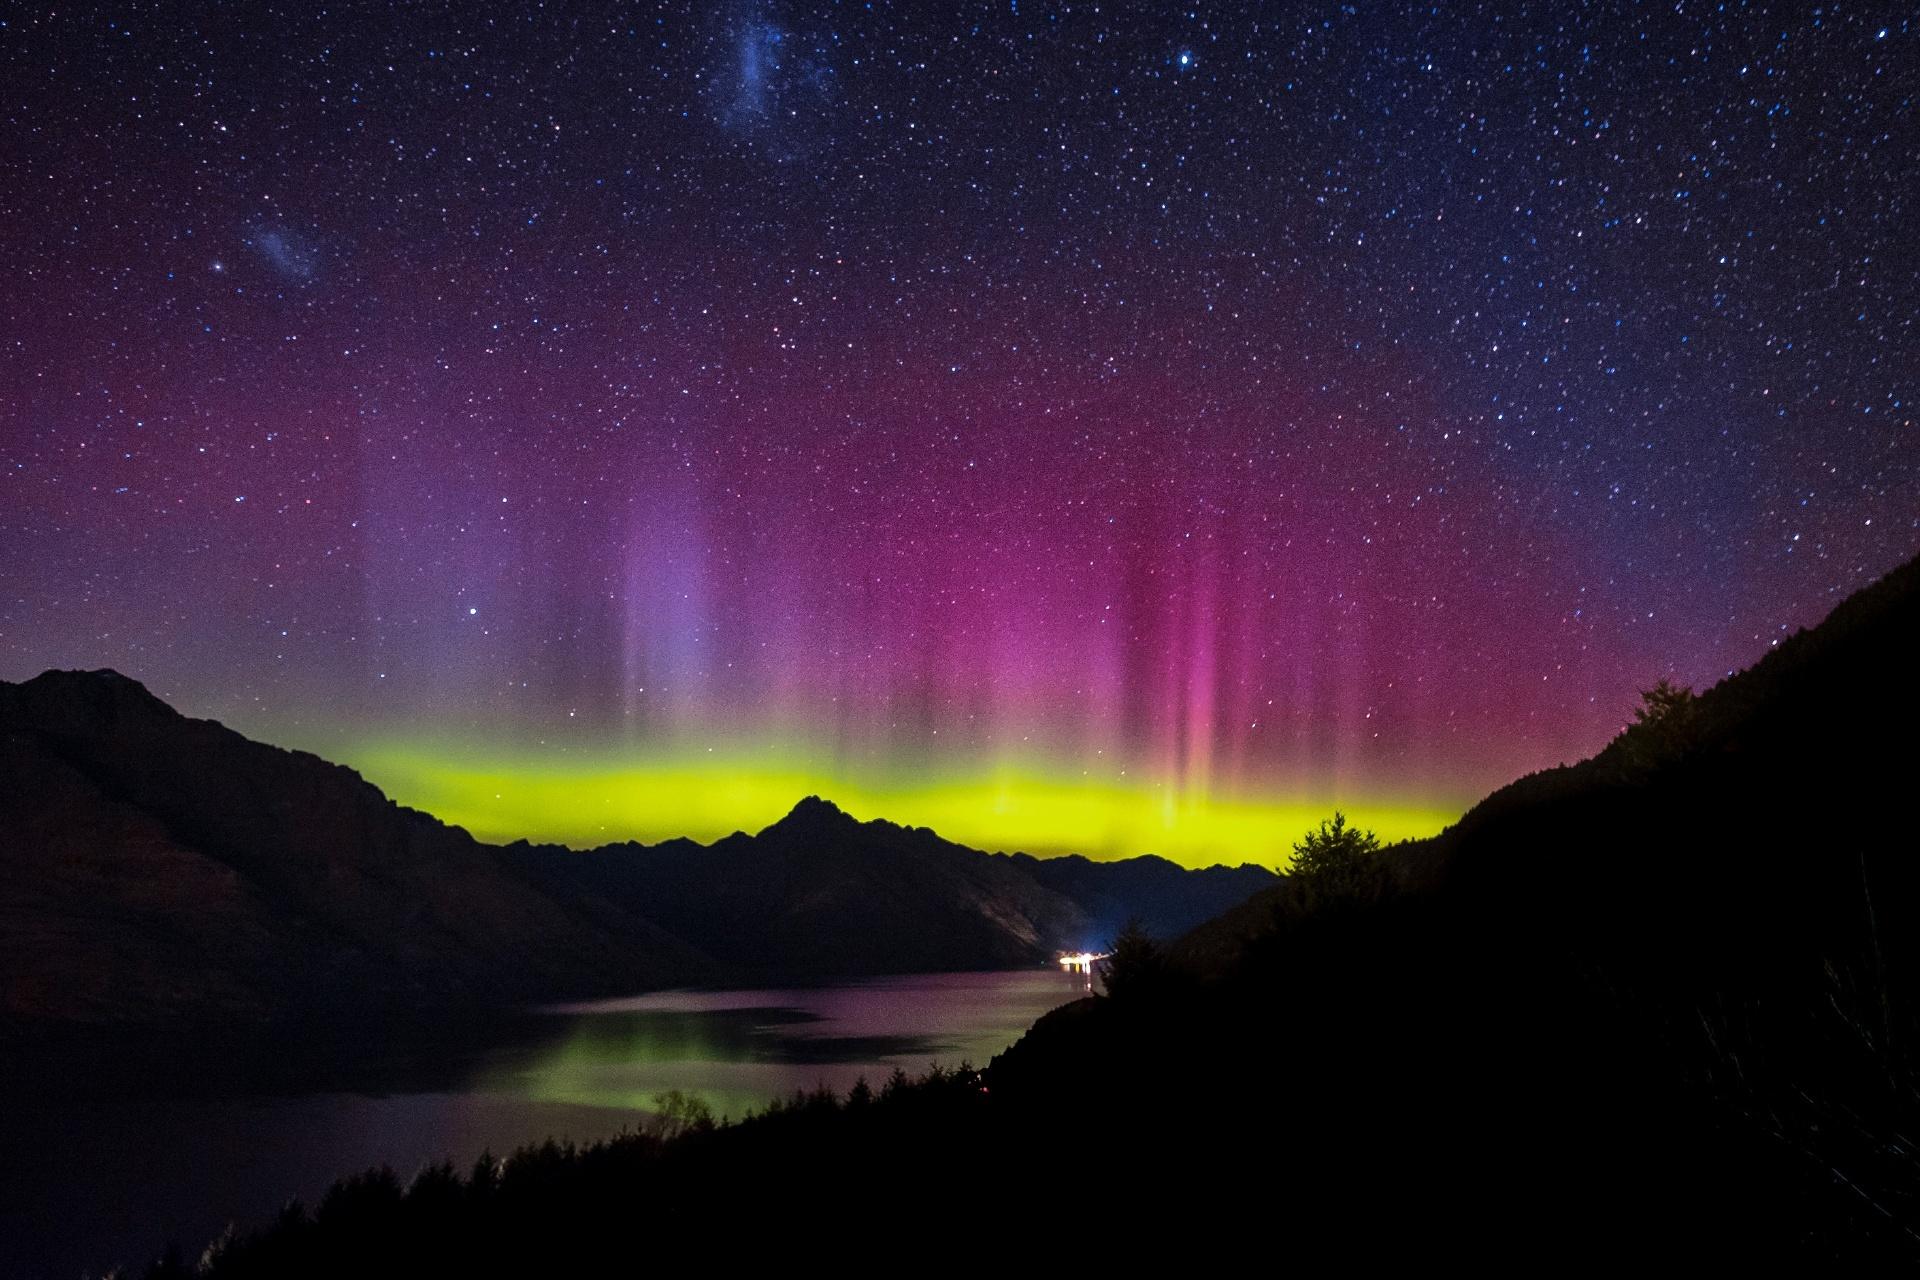 クイーンズタウンのオーロラの風景 ニュージーランドの風景